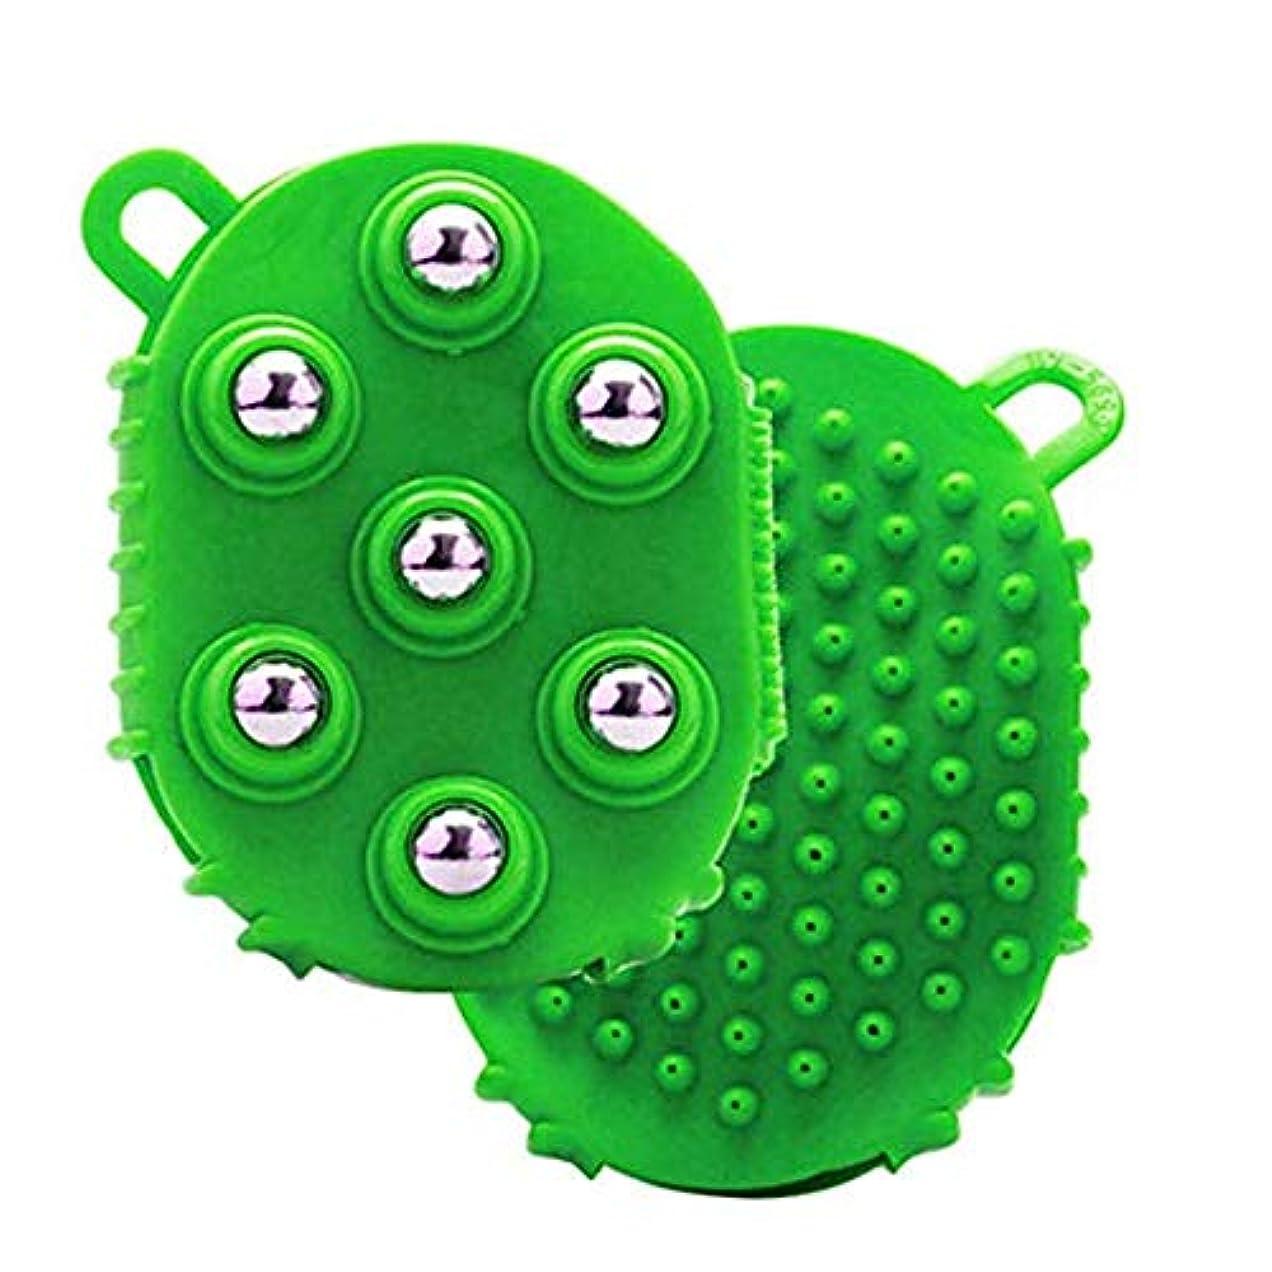 見かけ上季節まつげ7つの回転金属ボール付きマッサージグローブ、ボディマッサージグローブフルボディマッサージャー,グリーン